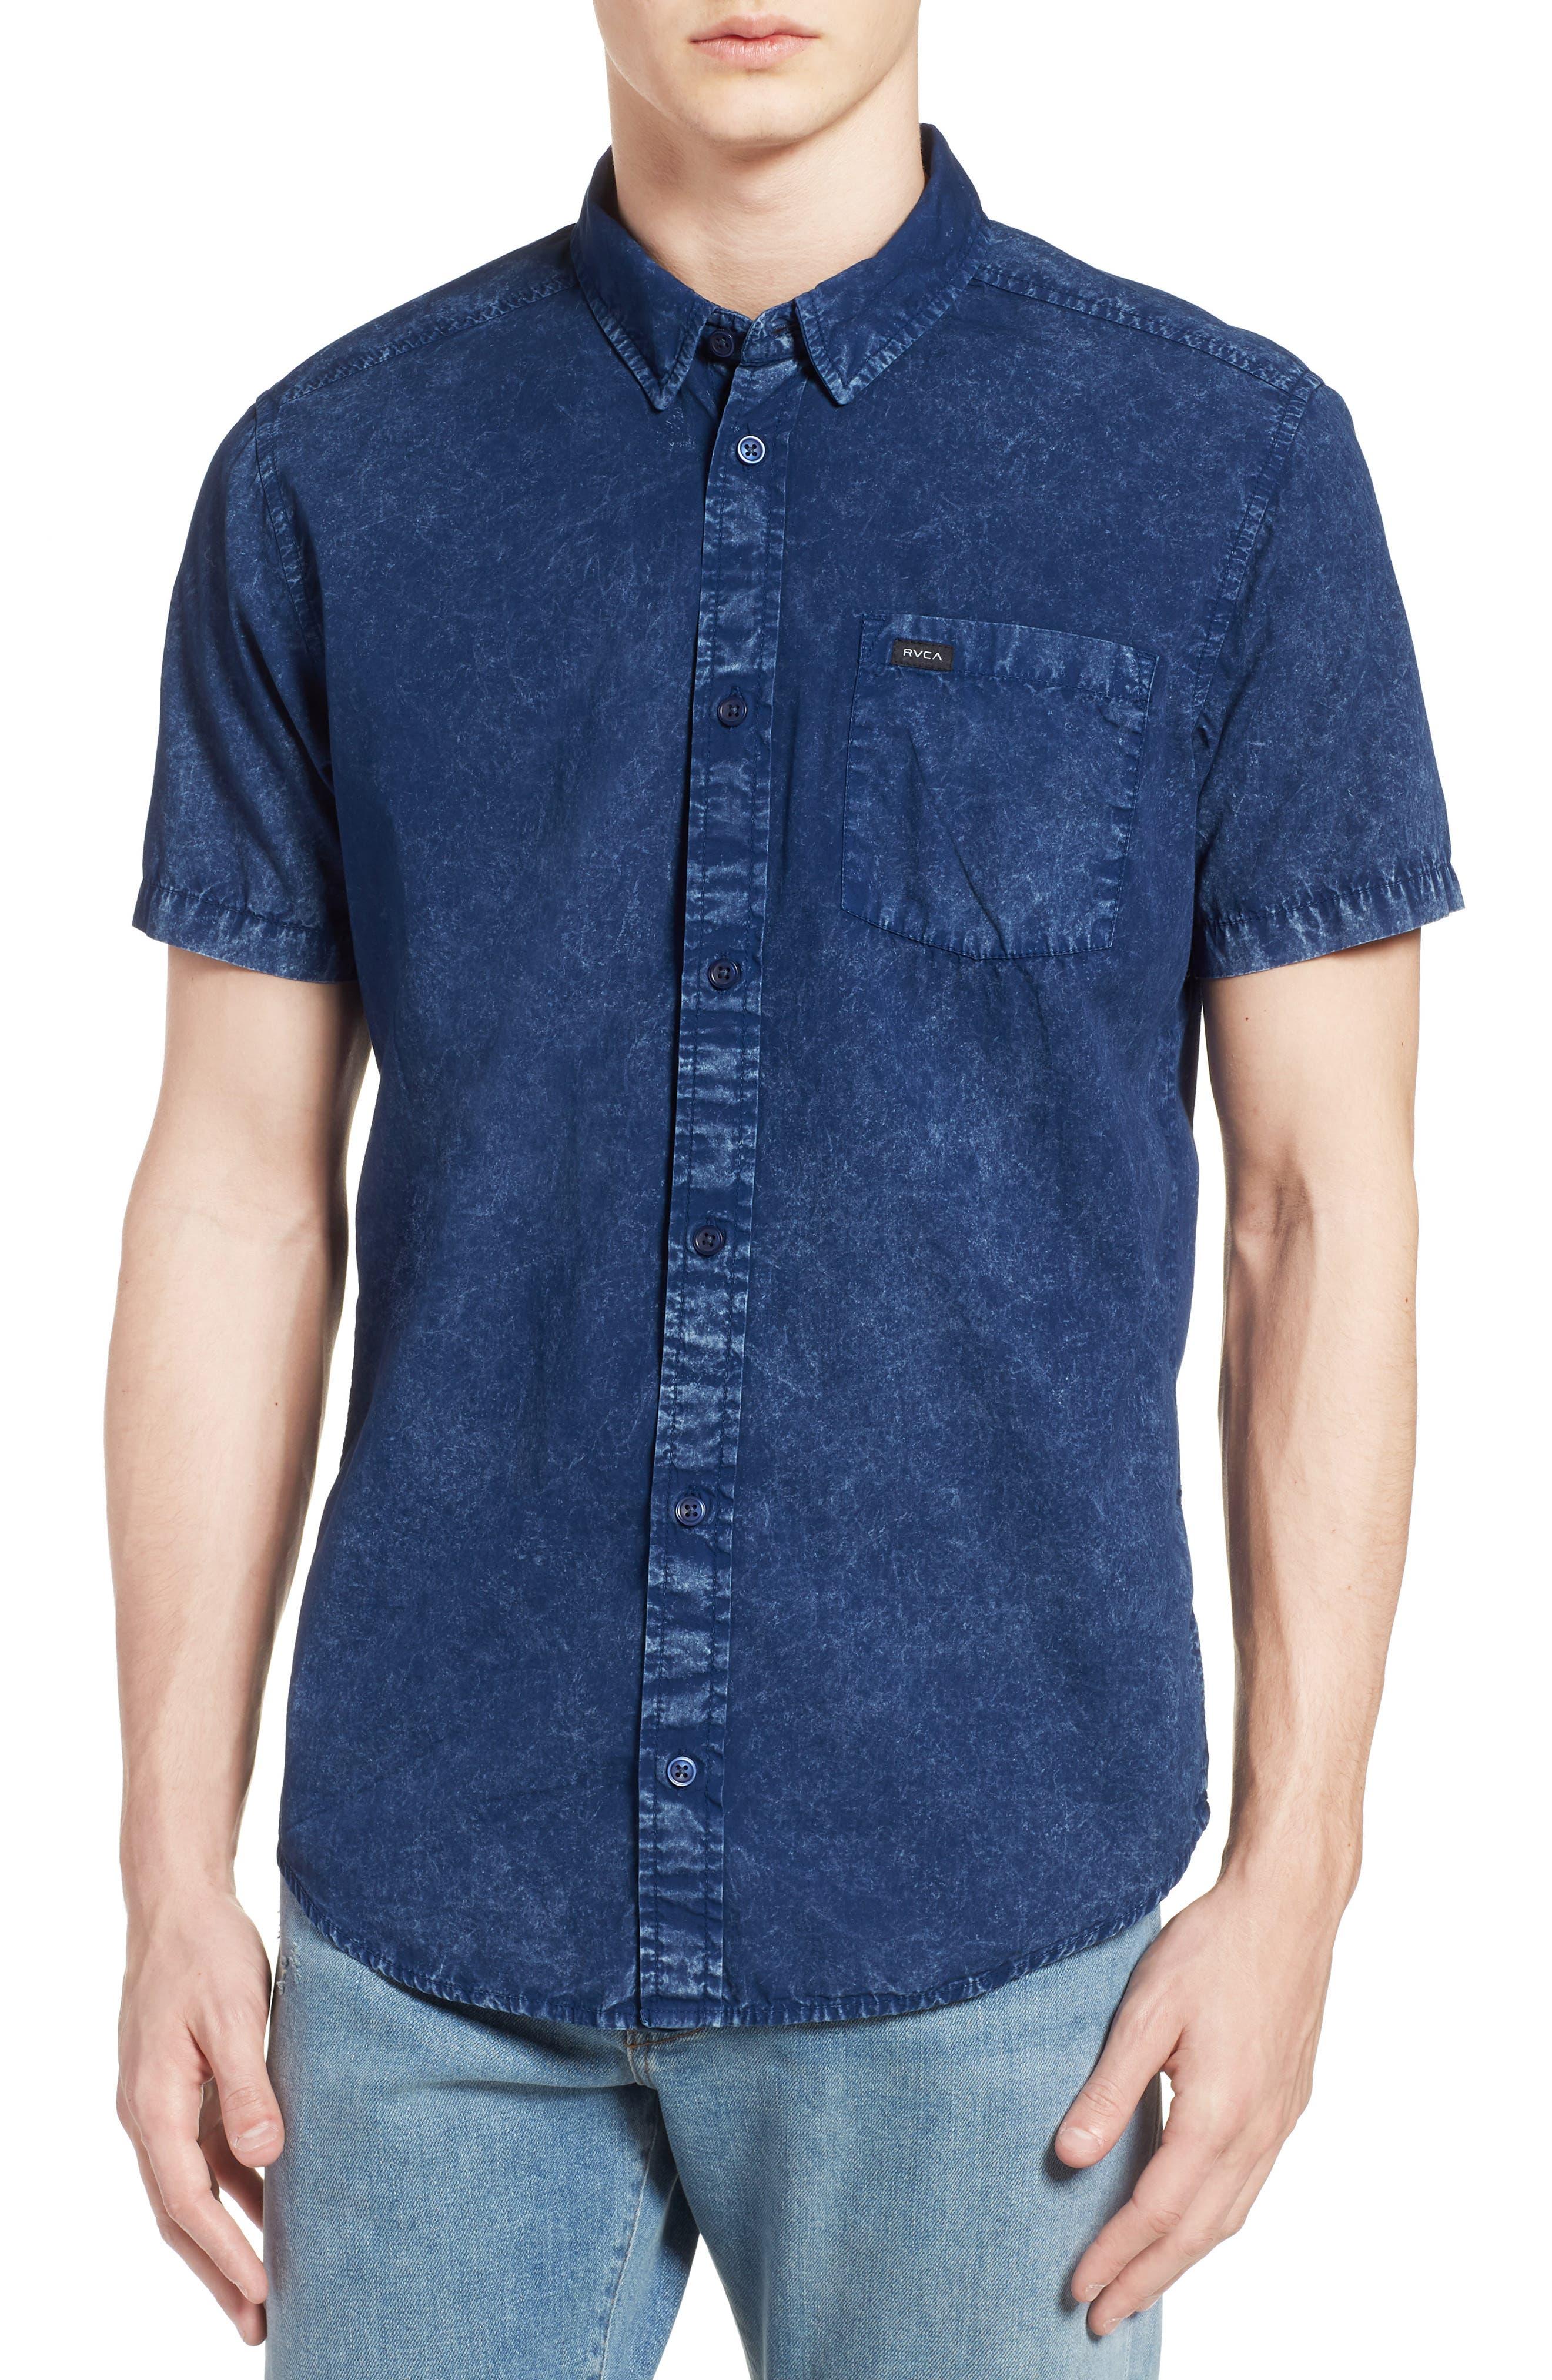 Acid Rain Denim Shirt,                             Main thumbnail 1, color,                             400